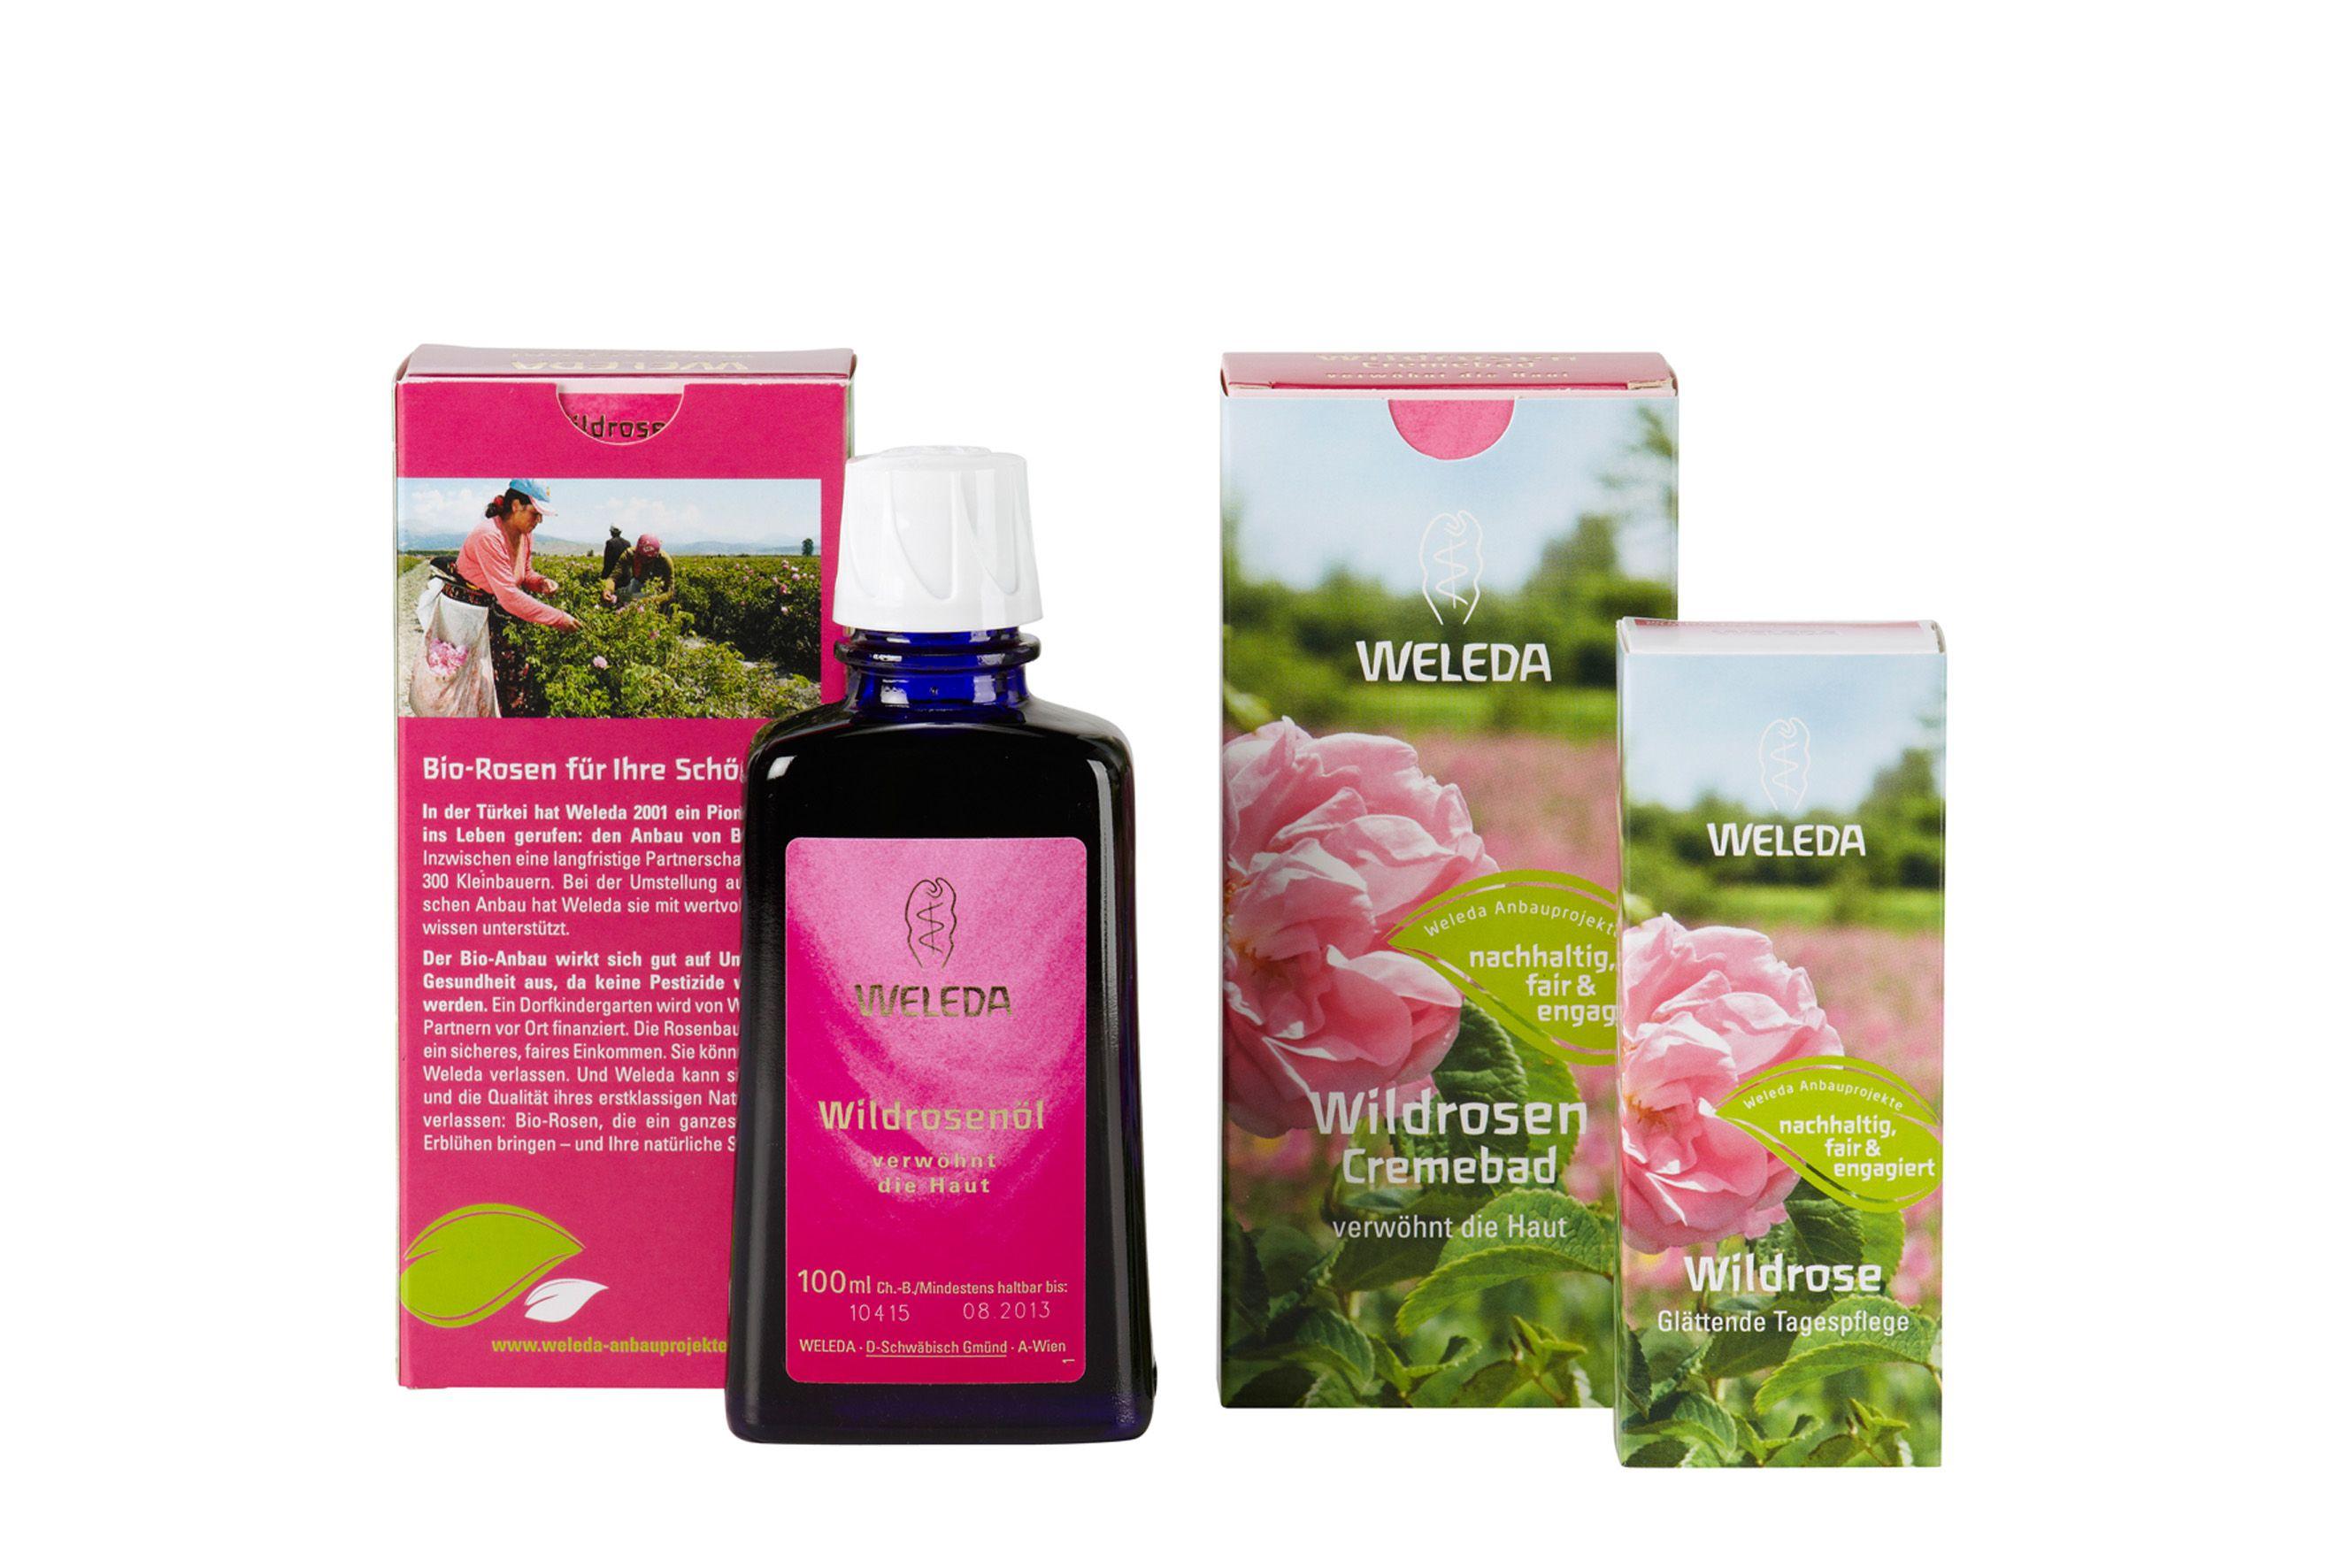 Der feine Duft der Damaszener Rose verleiht den Produkten der Weleda Wildrosenserie ihre einzigartige Note und prägt ihren Charakter.